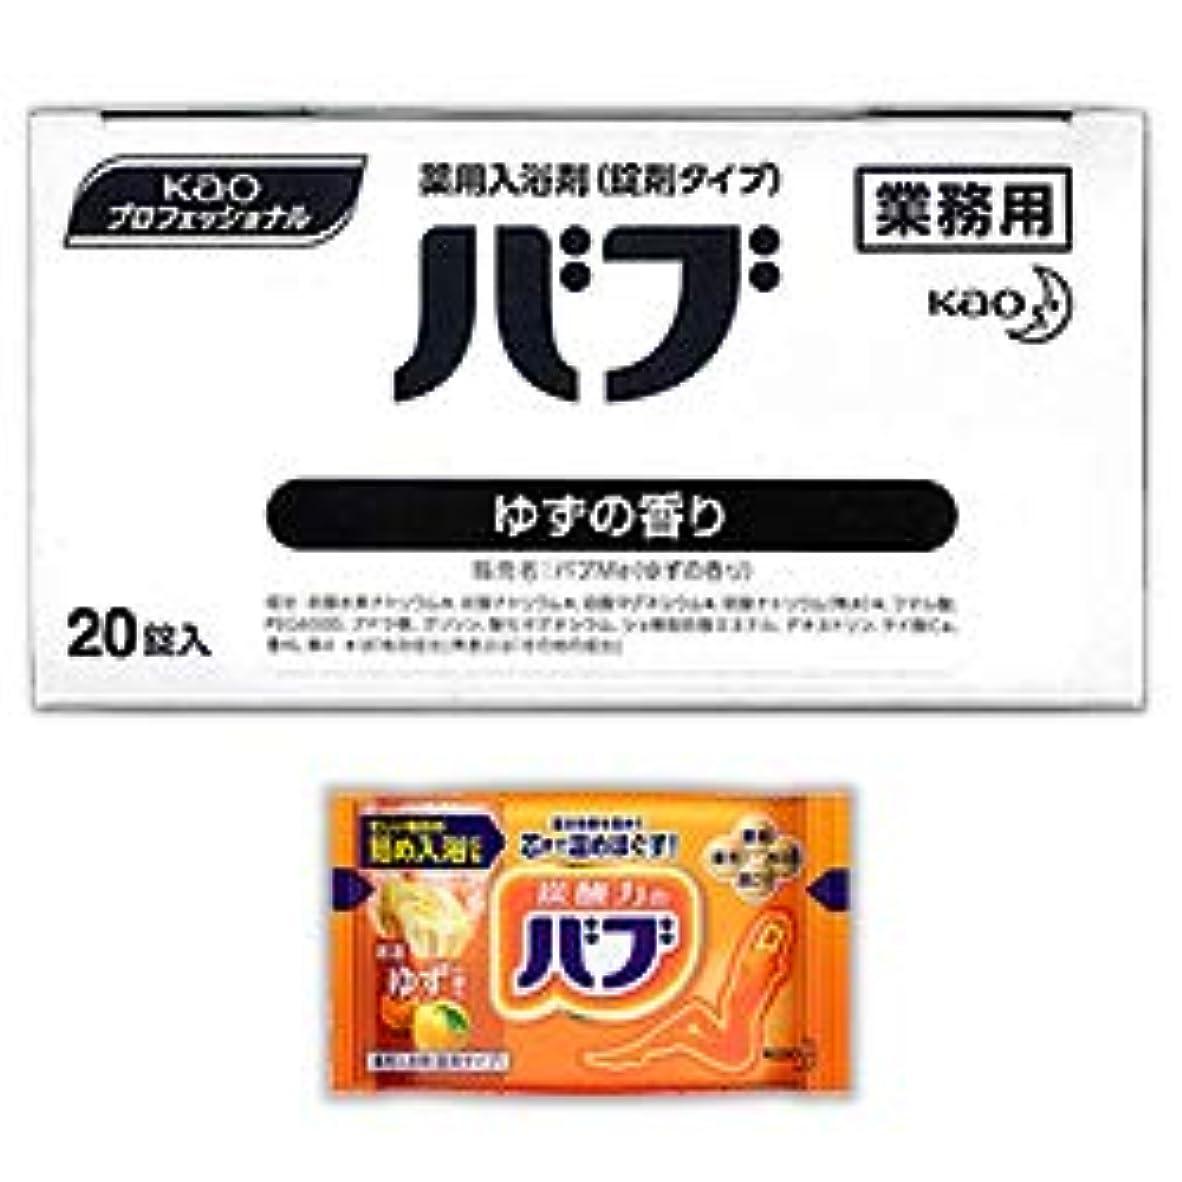 不愉快電気的芸術的【花王】Kaoプロフェッショナル バブ ゆずの香り(業務用) 40g×20錠入 ×2個セット